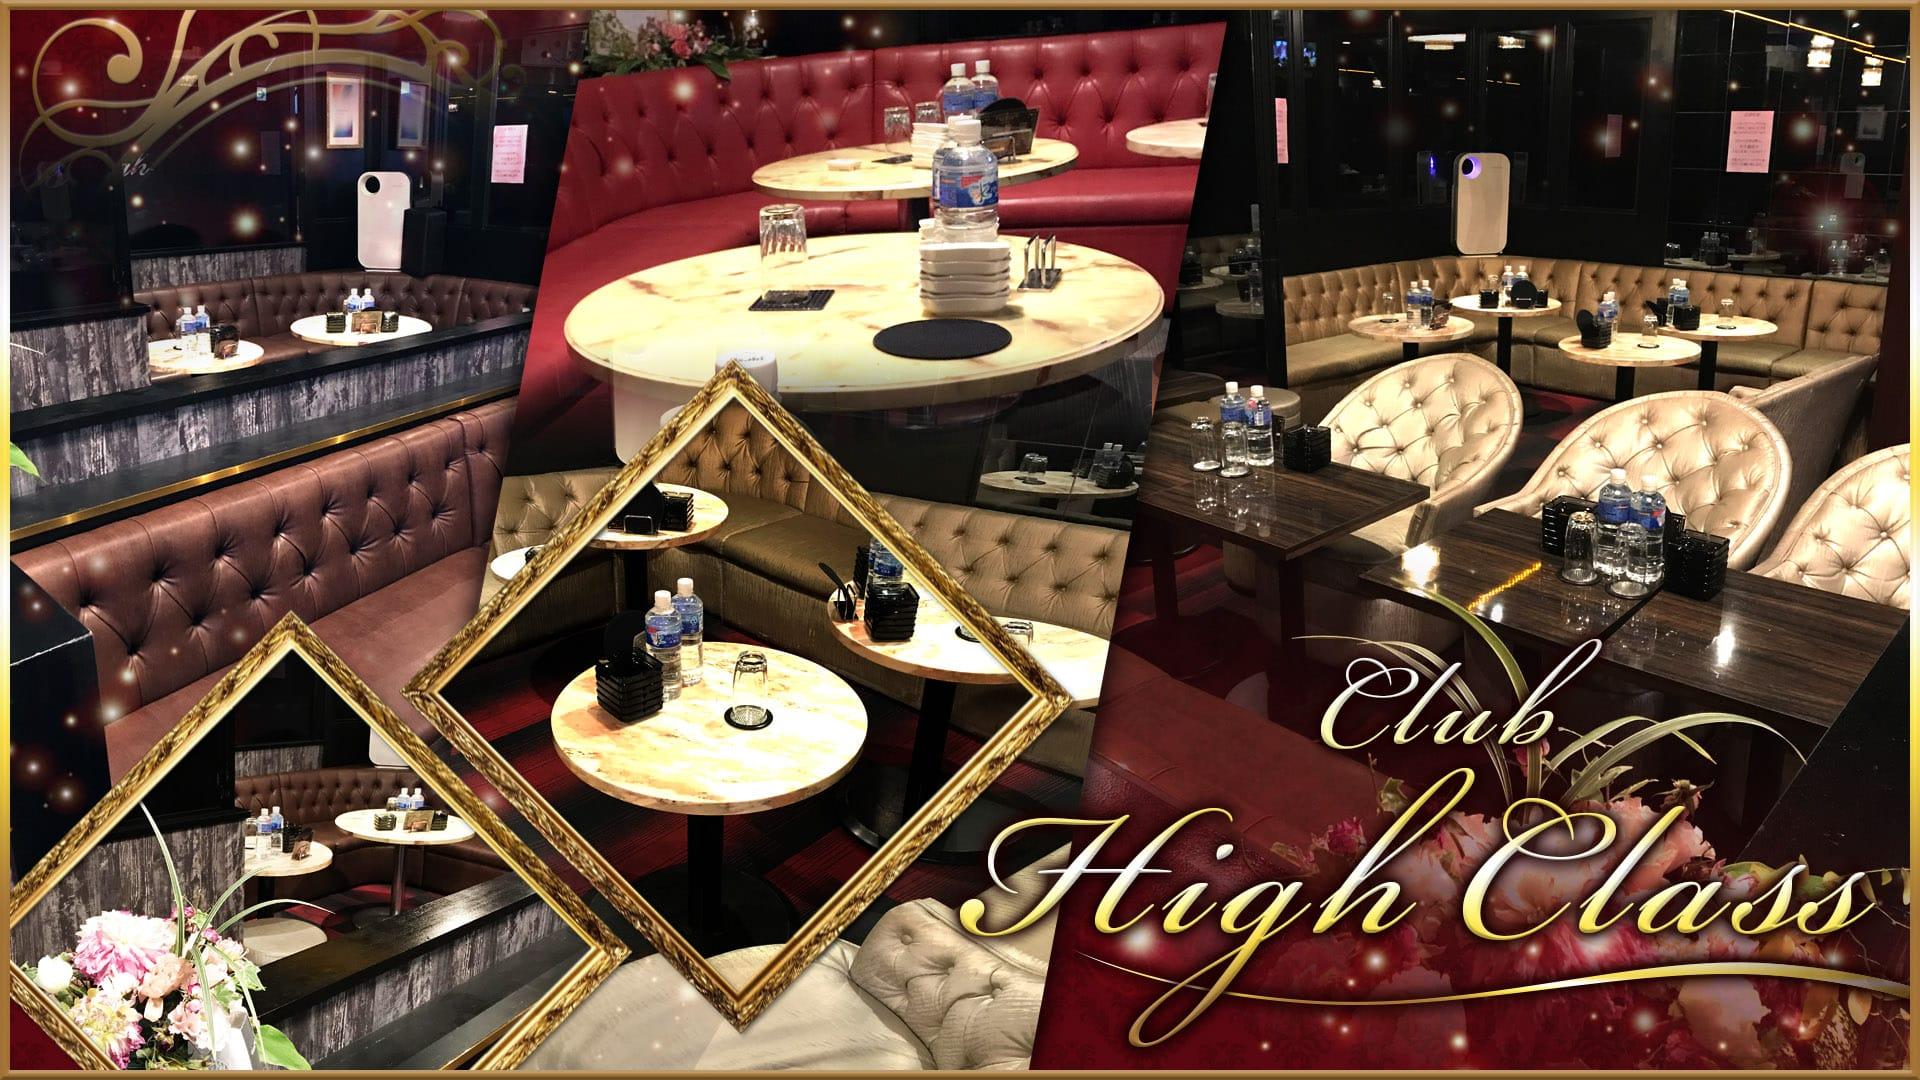 Club High Class(ハイクラス) 西川口キャバクラ TOP画像